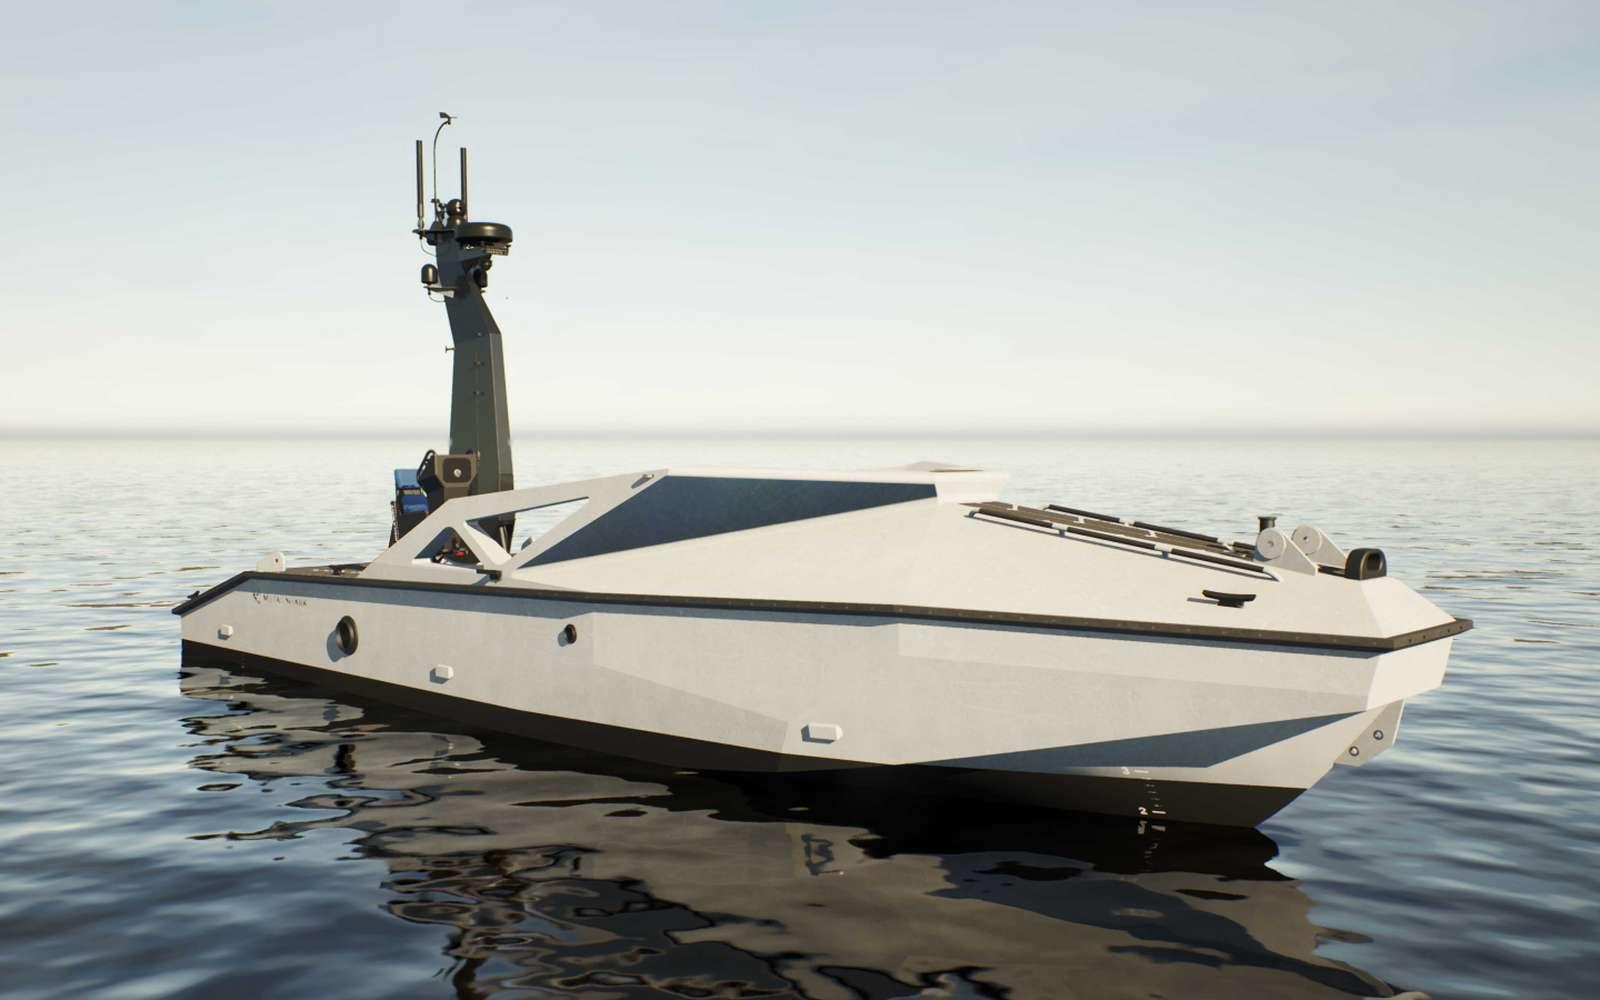 Vue d'artiste d'un LRUSV, un bateau autonome pouvant être bardé de drones d'attaque suicides. © Metal Shark